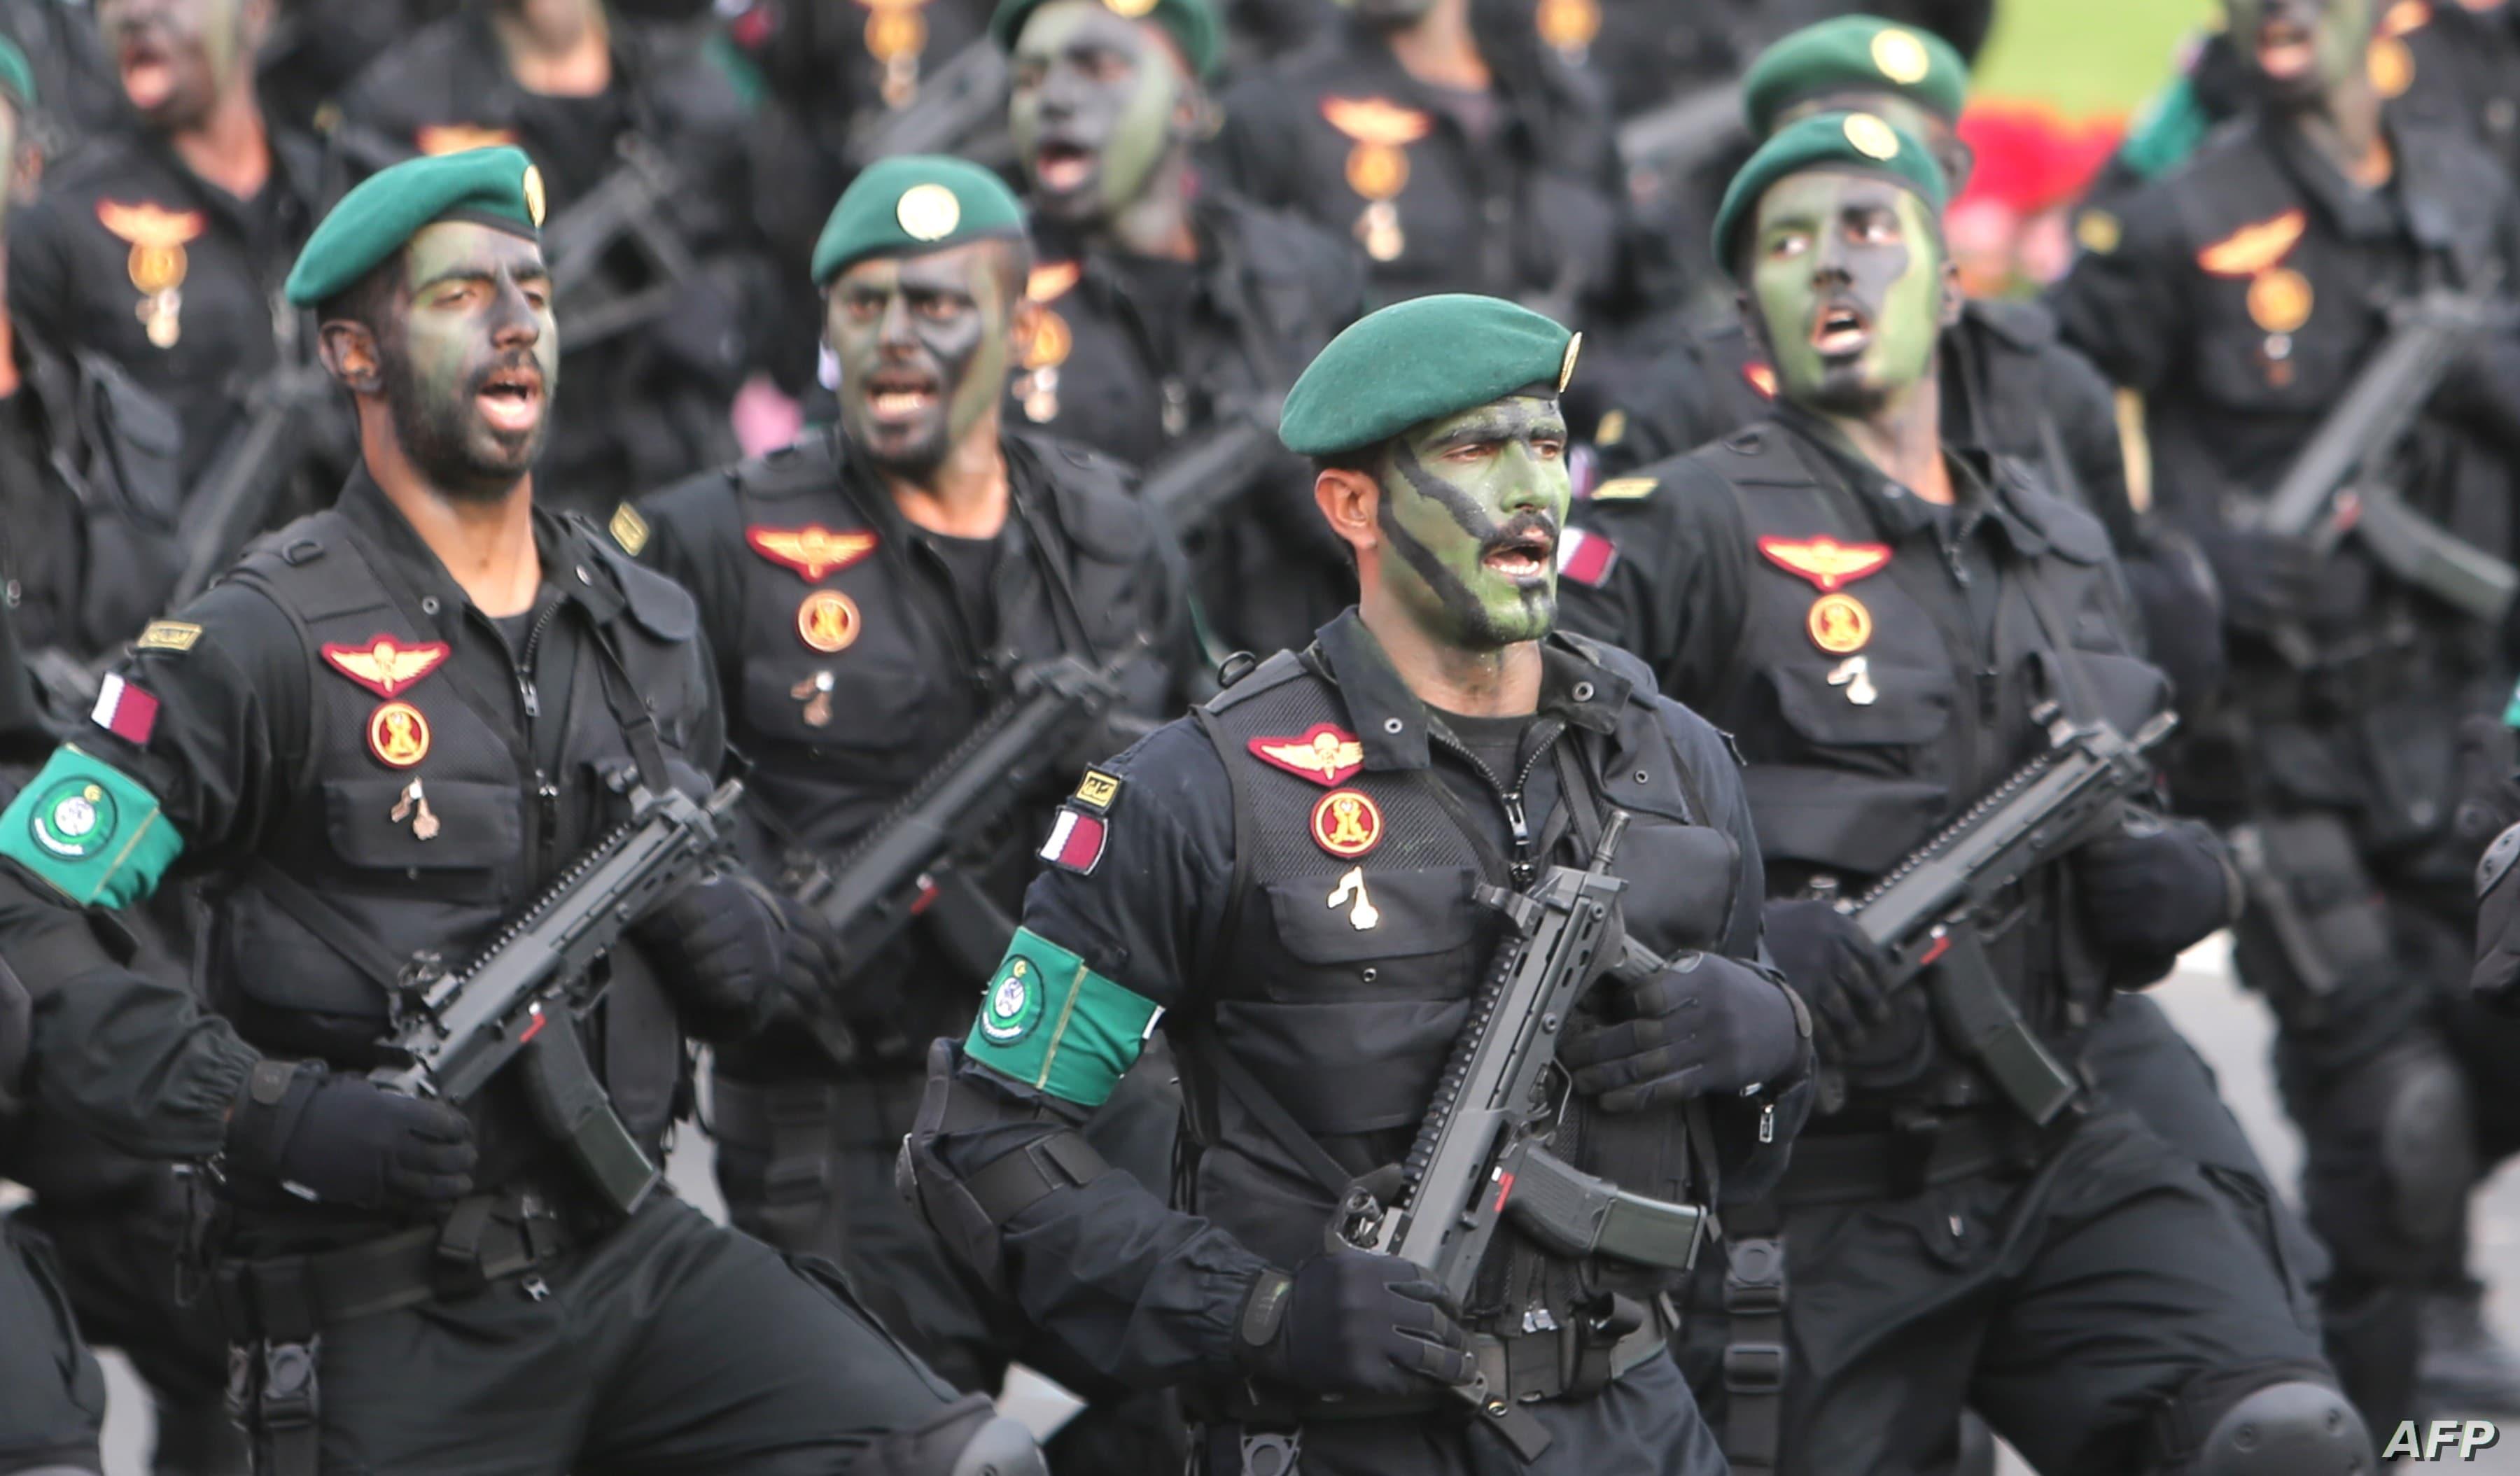 القوات الخاصة القطرية